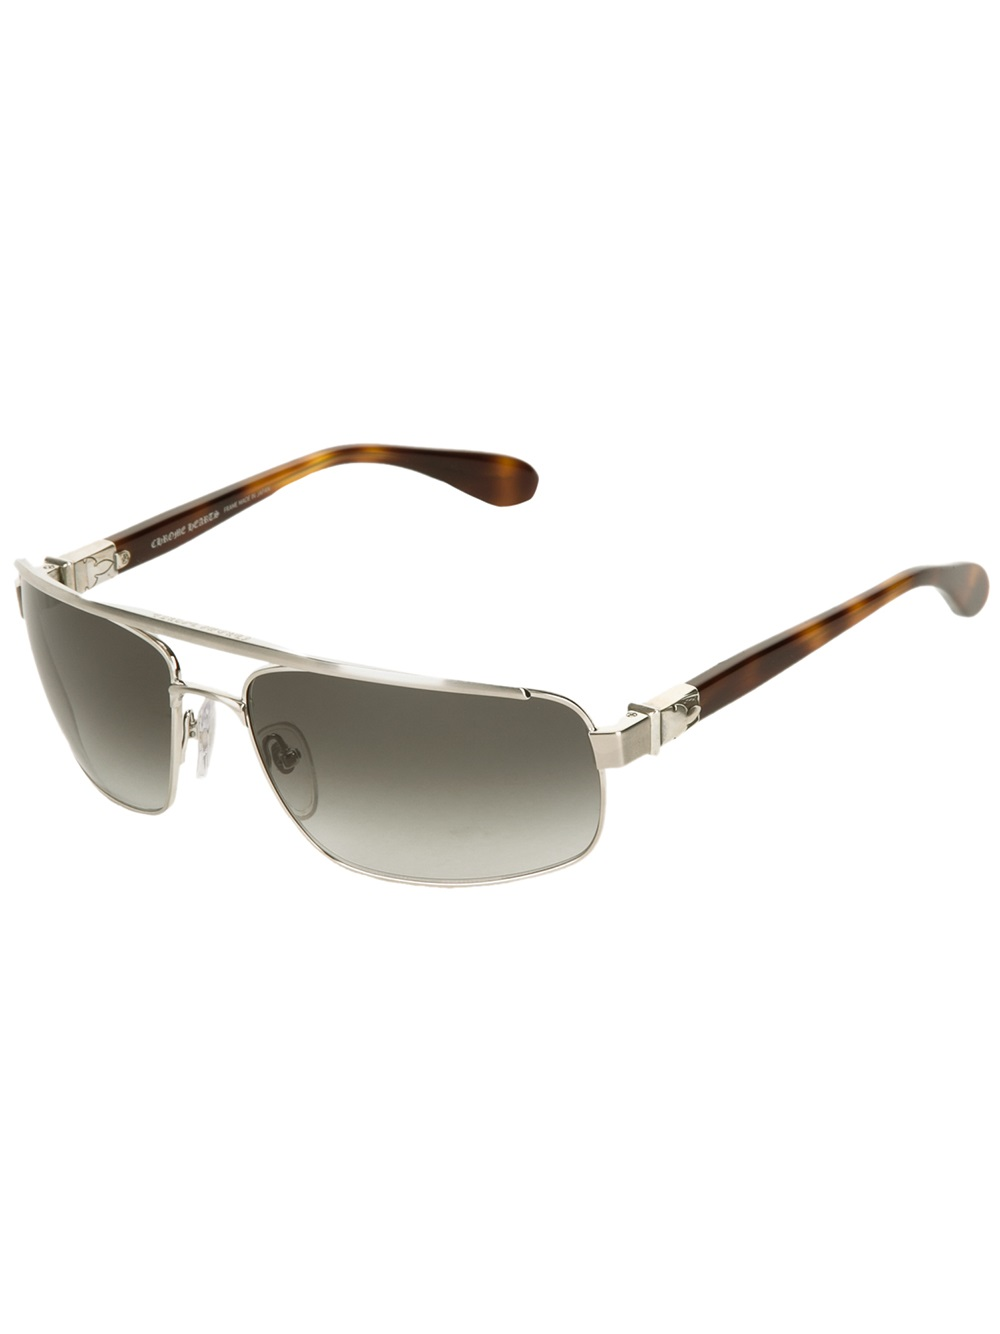 a3c0ce288f63 Chrome Sunglasses Men